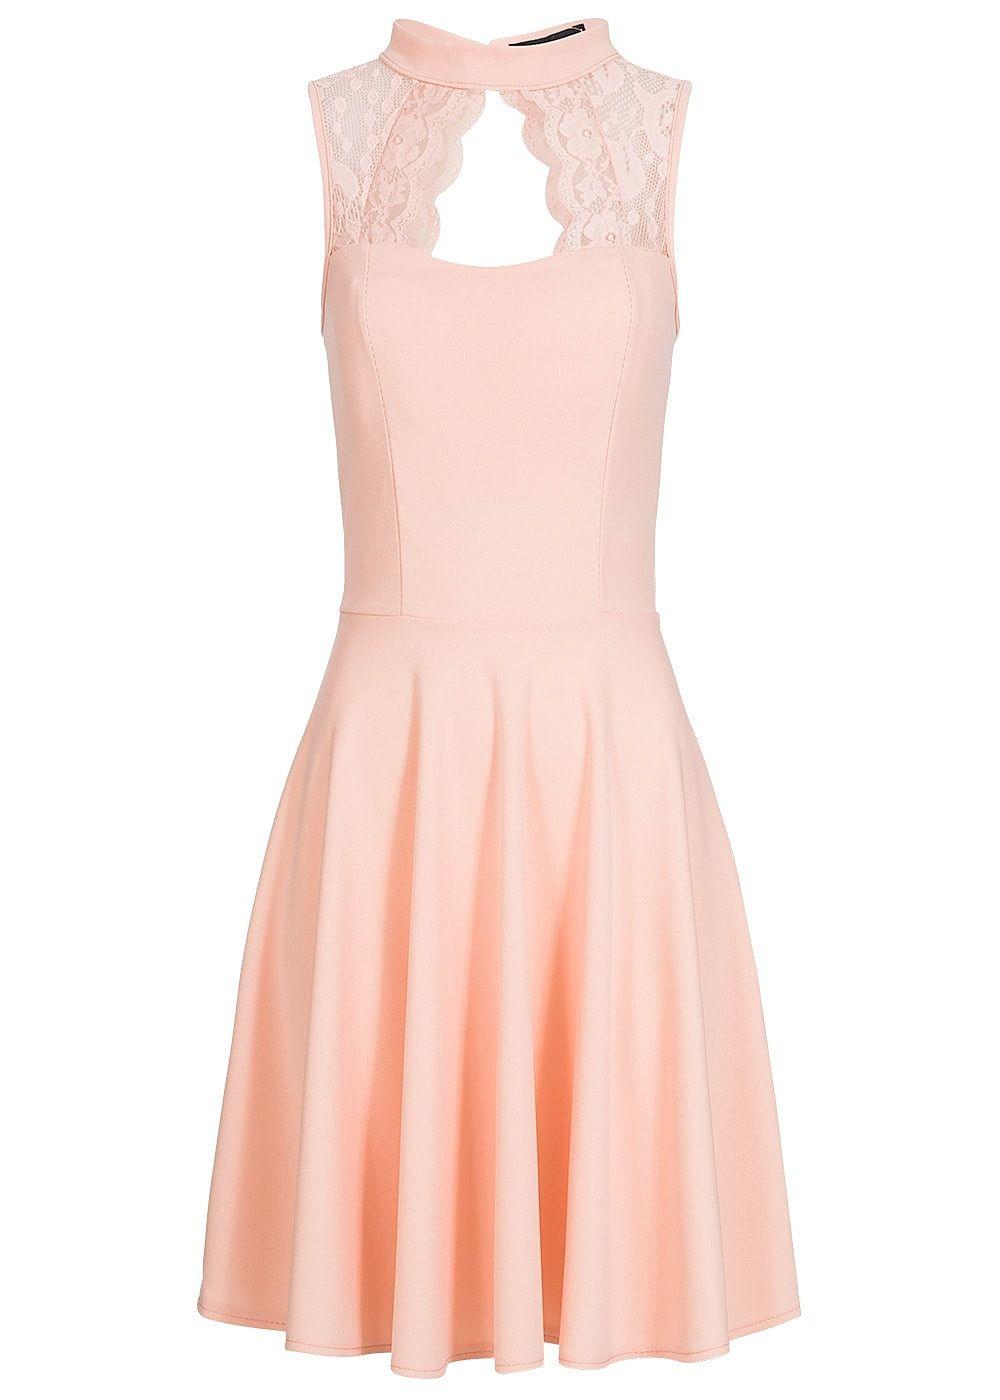 Styleboom Fashion Damen Kleid Spitze oben Brustpads rosa | Pinterest ...